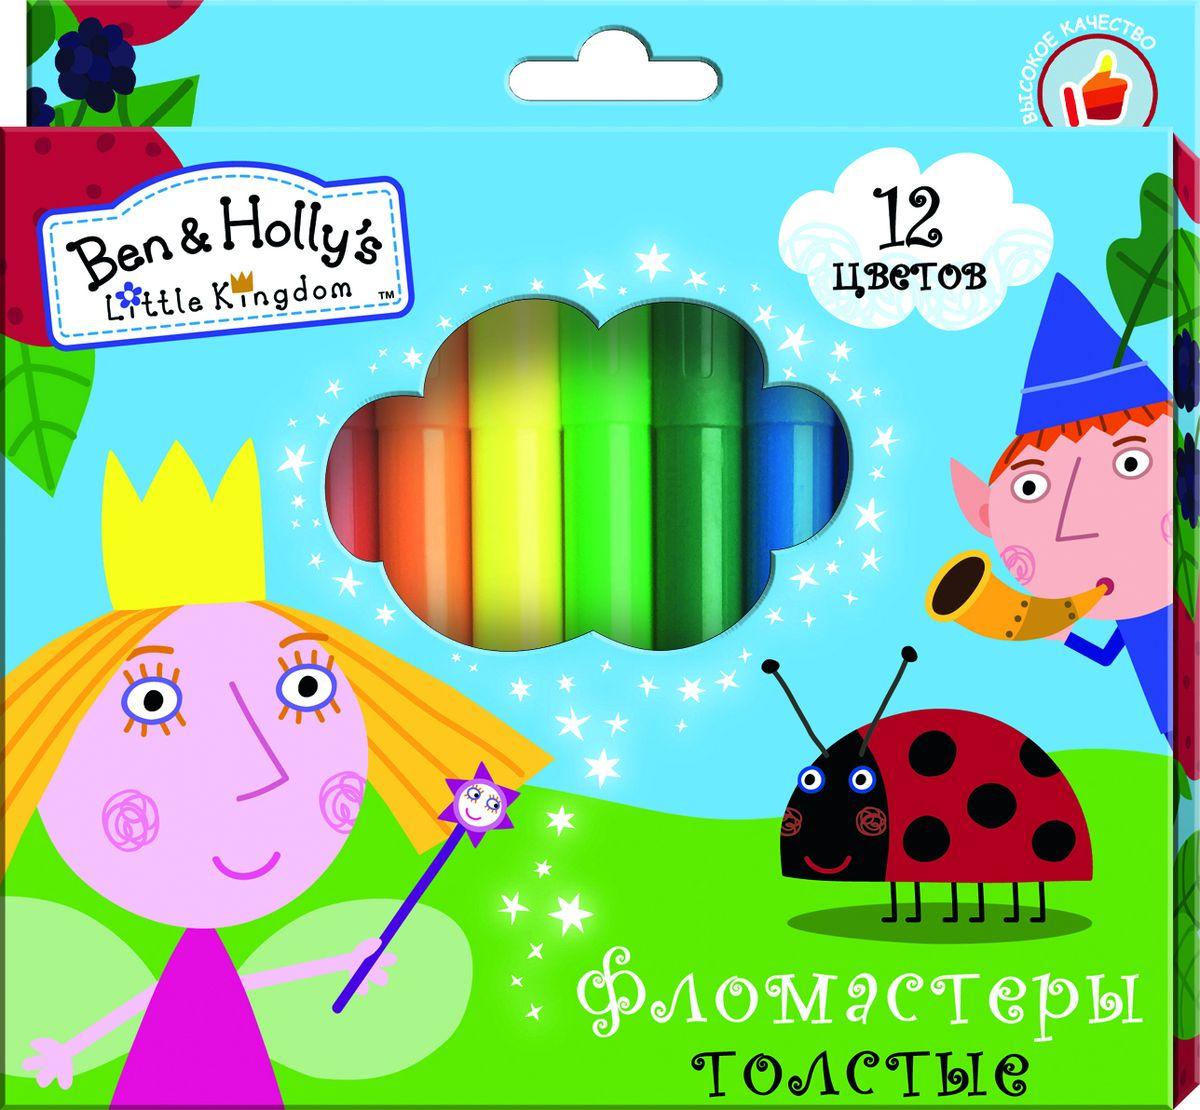 Ben&Holly Набор фломастеров Бен и Холли толстые 12 цветов610842Фломастеры ТМ Бен и Холли предназначены для самых юных художников, которые только учатся их держать в еще непослушных ручках: утолщенная форма корпуса создана специально для маленьких детских пальчиков. Фломастеры, идеально подходящие для раскрашивания и рисования, помогут вашему ребенку создать яркие картинки, а упаковка с любимыми героями будет долгое время радовать малыша. В набор входит 12 разноцветных толстых фломастеров с вентилируемыми колпачками, безопасными для детей.Диаметр корпуса: 1,5 см; длина: 14,5 см.Фломастеры изготовлены из материала, обеспечивающего прочность корпуса и препятствующего испарению чернил, благодаря этому они имеют гарантированно долгий срок службы: корпус не ломается, даже если согнуть фломастер пополам.Состав: ПВХ, пластик, чернила на водной основе.